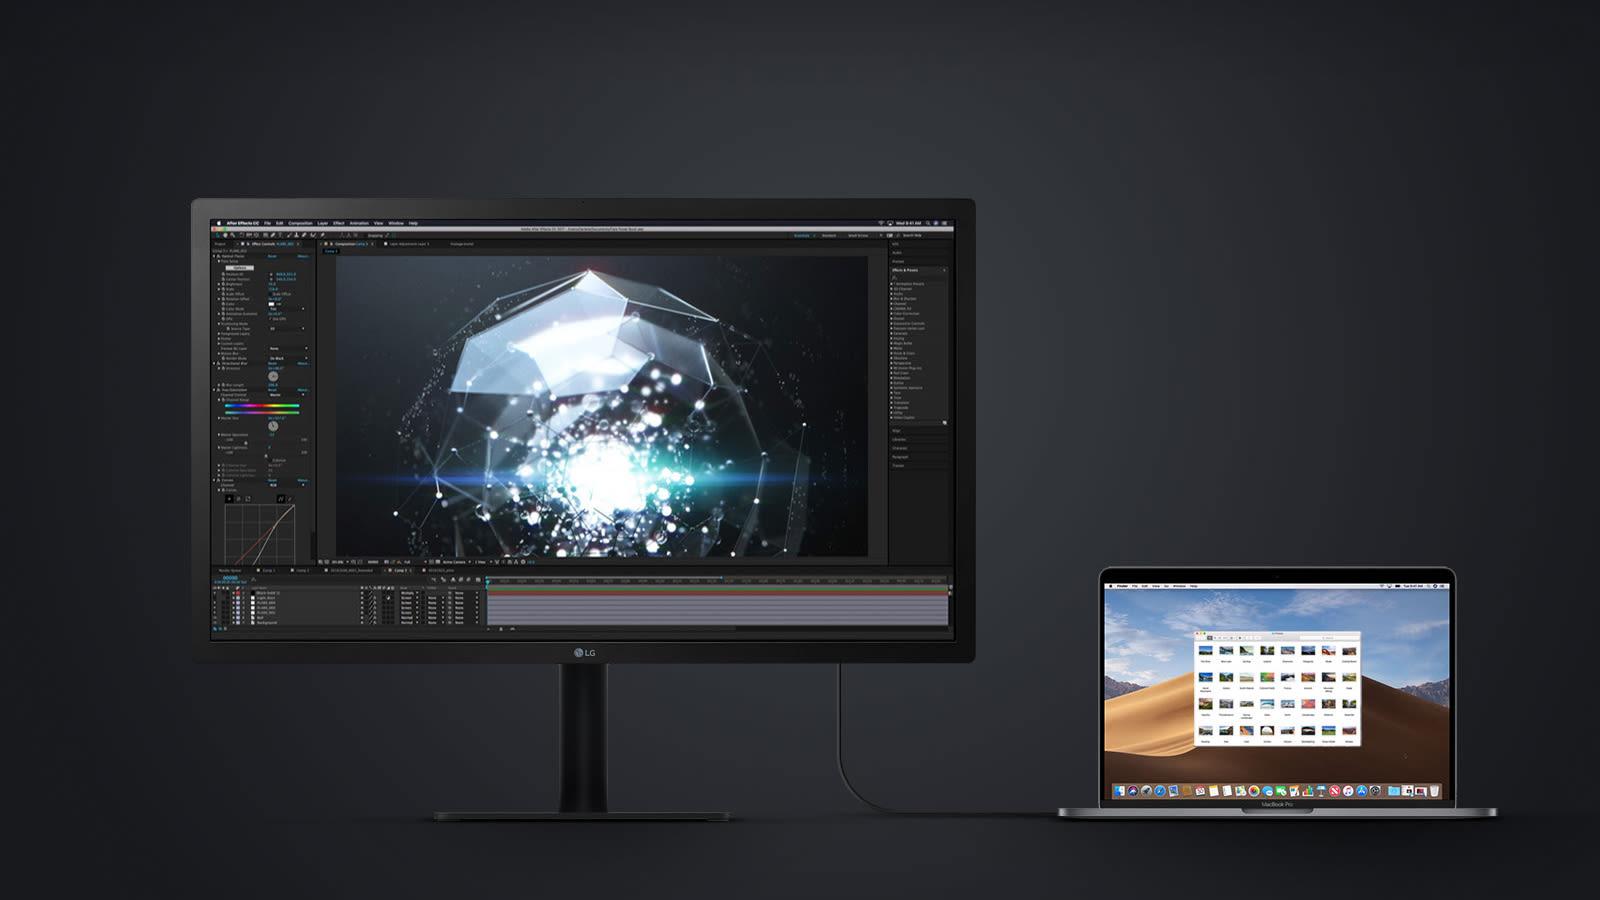 Tại sao ngày càng nhiều màn hình sử dụng USB-C